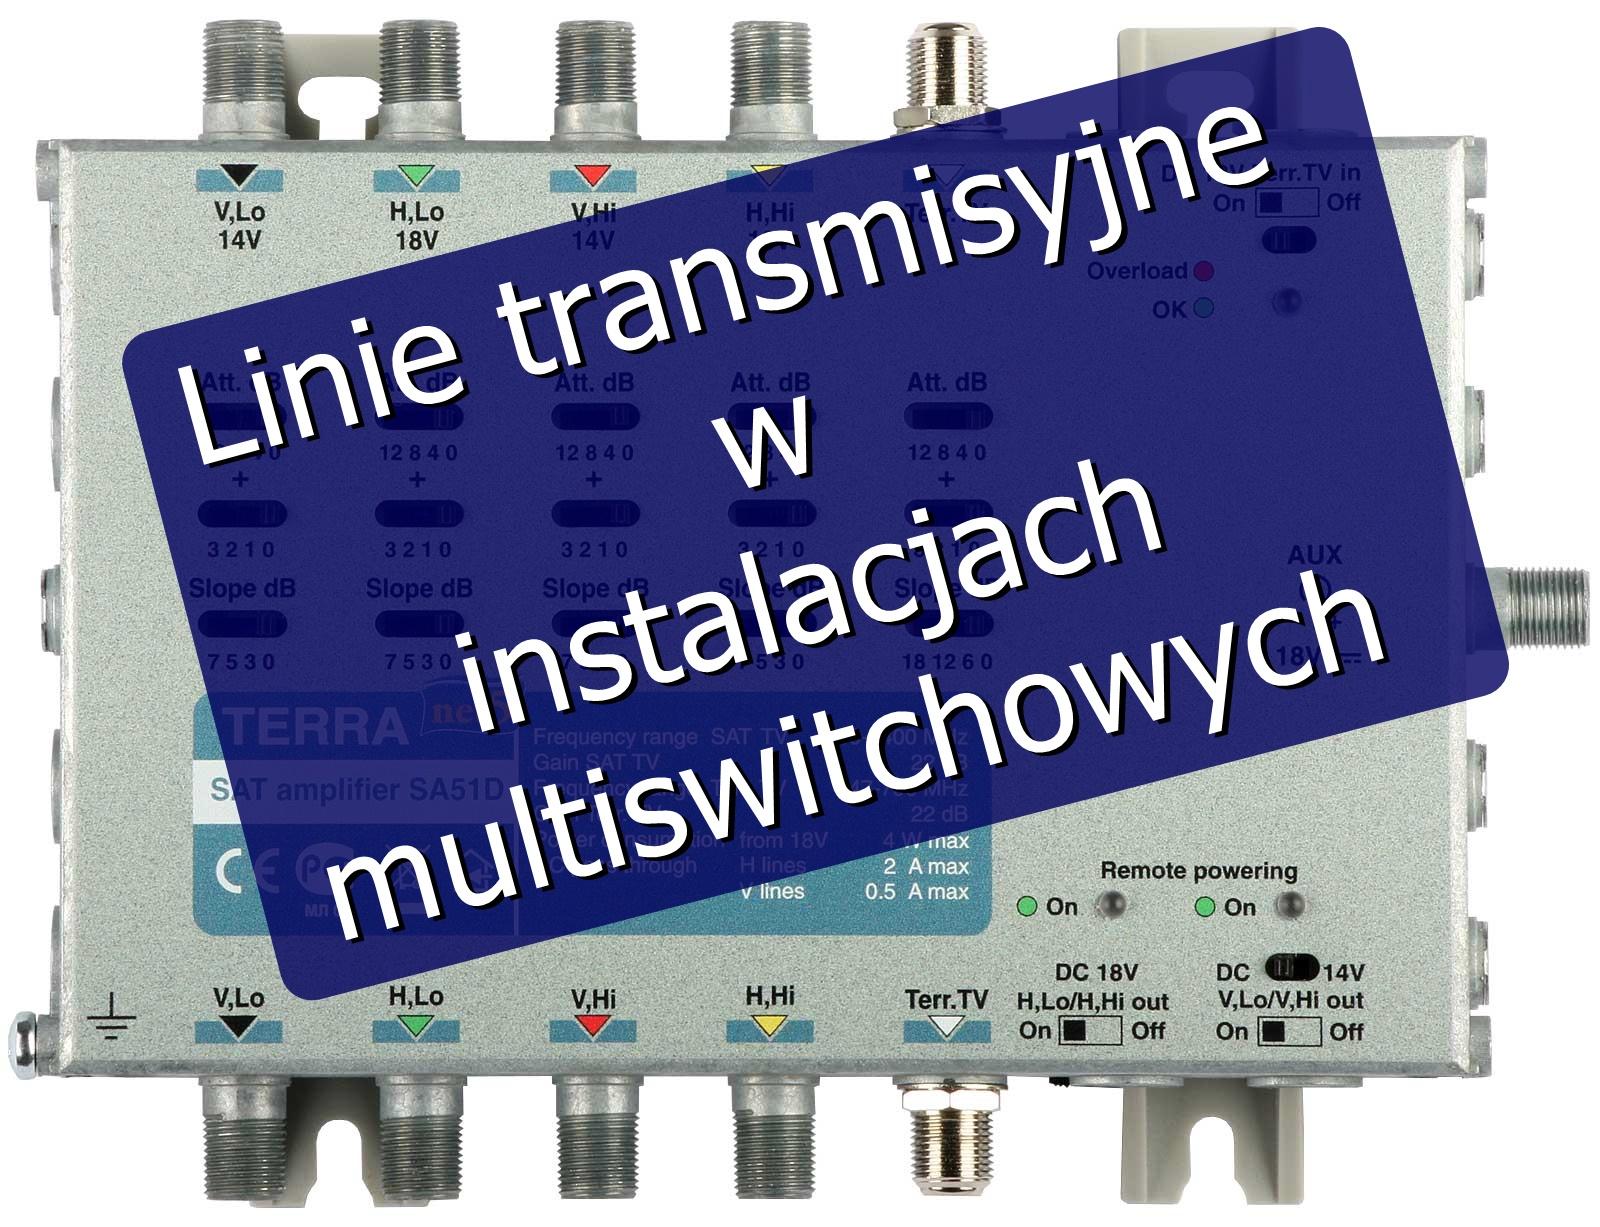 Linie transmisyjne w instalacjach multiswitchowych